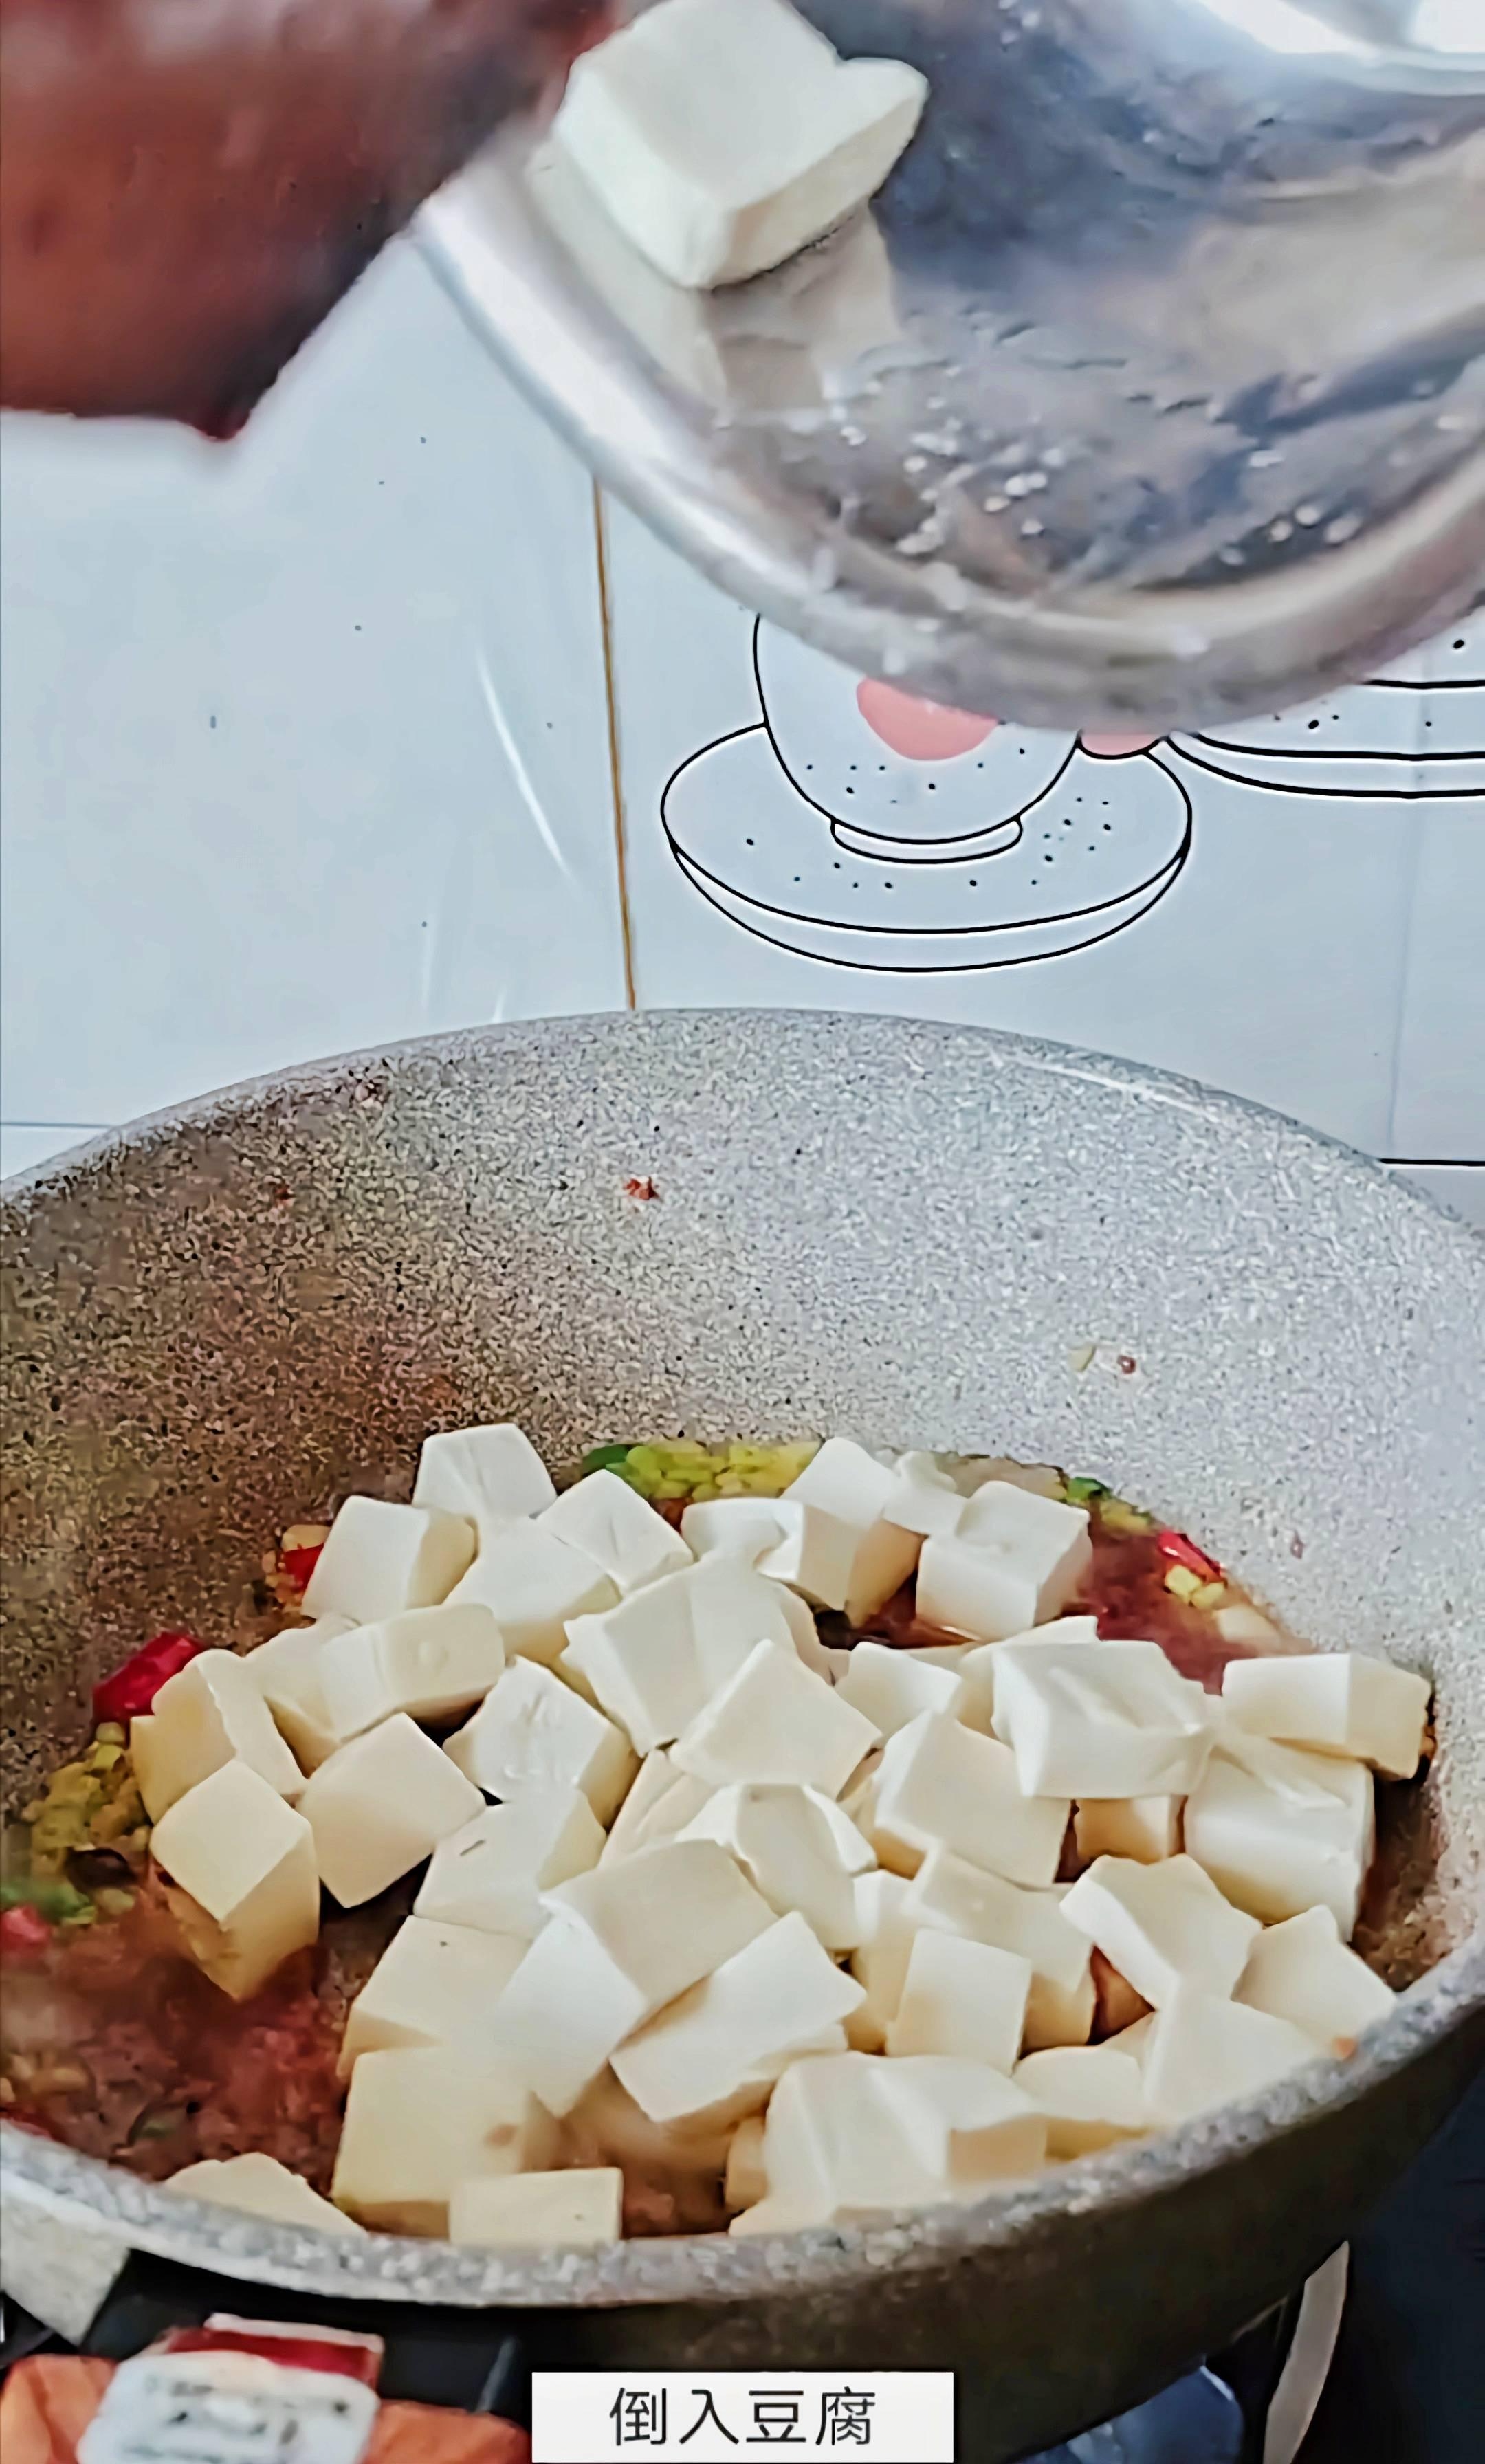 #豆腐的神仙做法#红烧木耳豆腐的做法图解